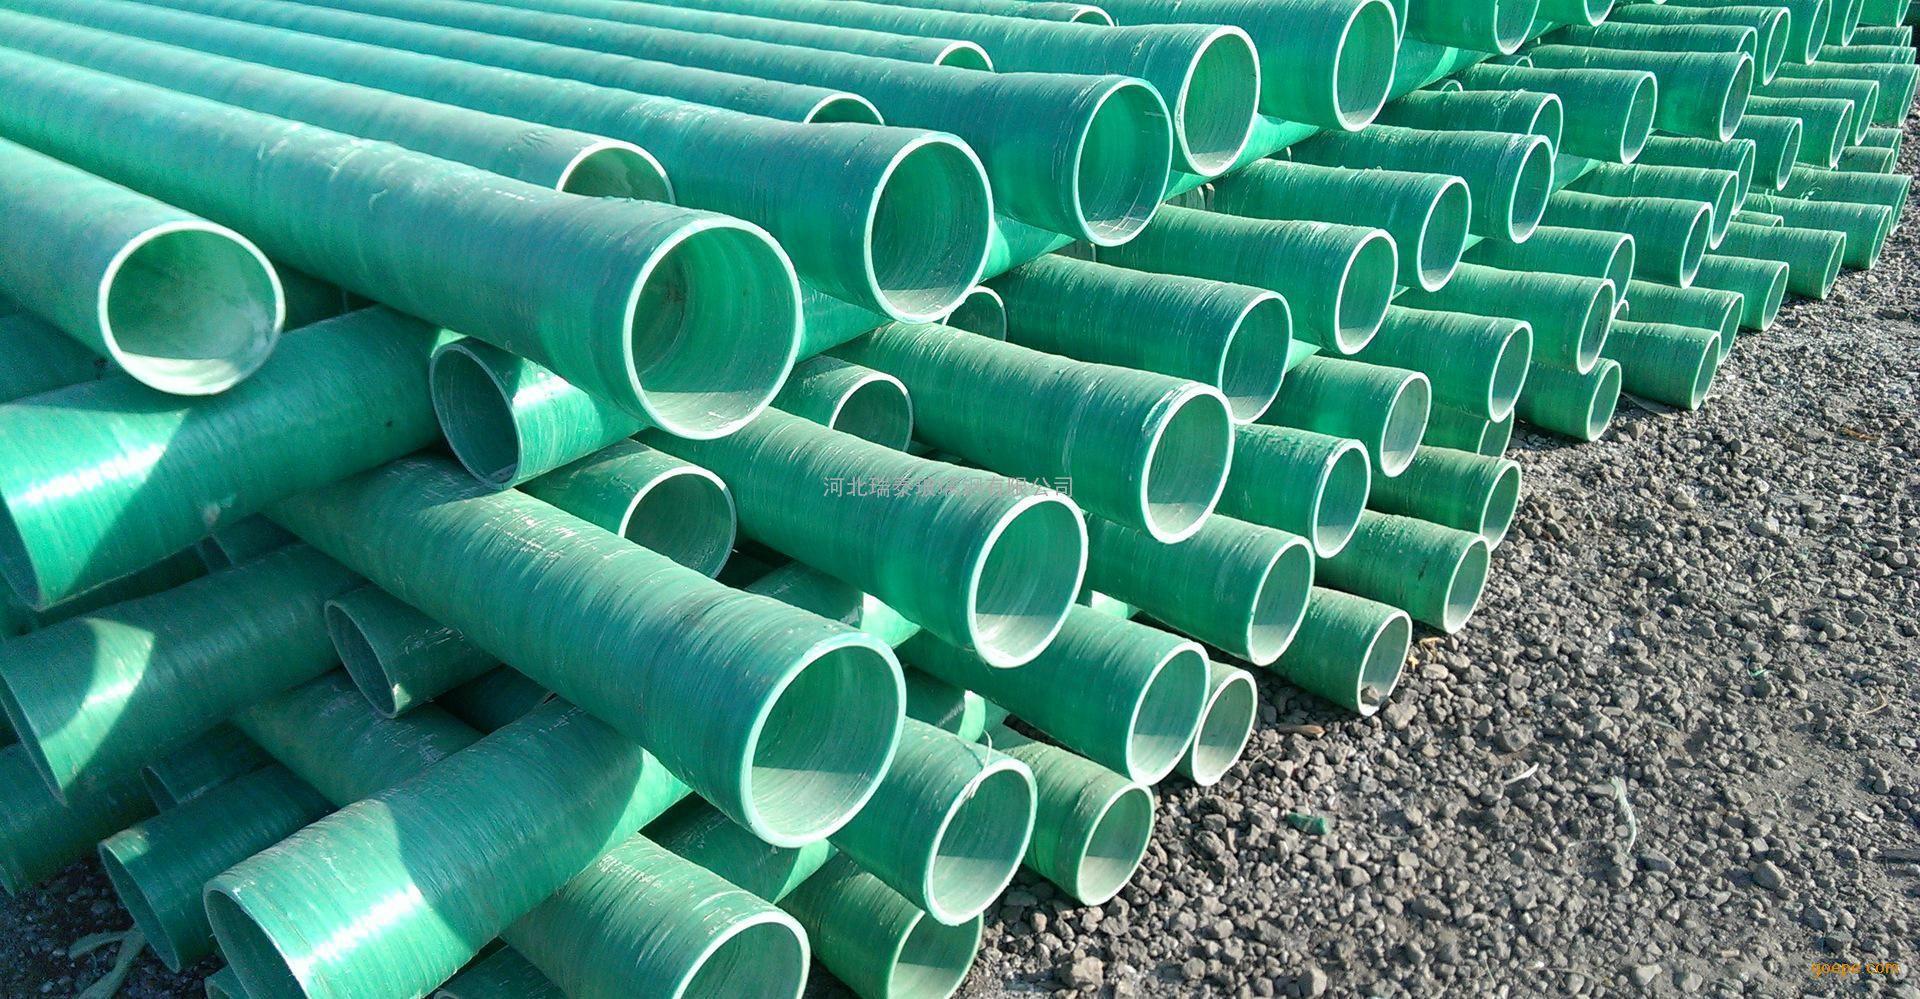 玻璃钢夹砂管道厂家 玻璃钢缠绕管道批发 玻璃钢工艺管道报价